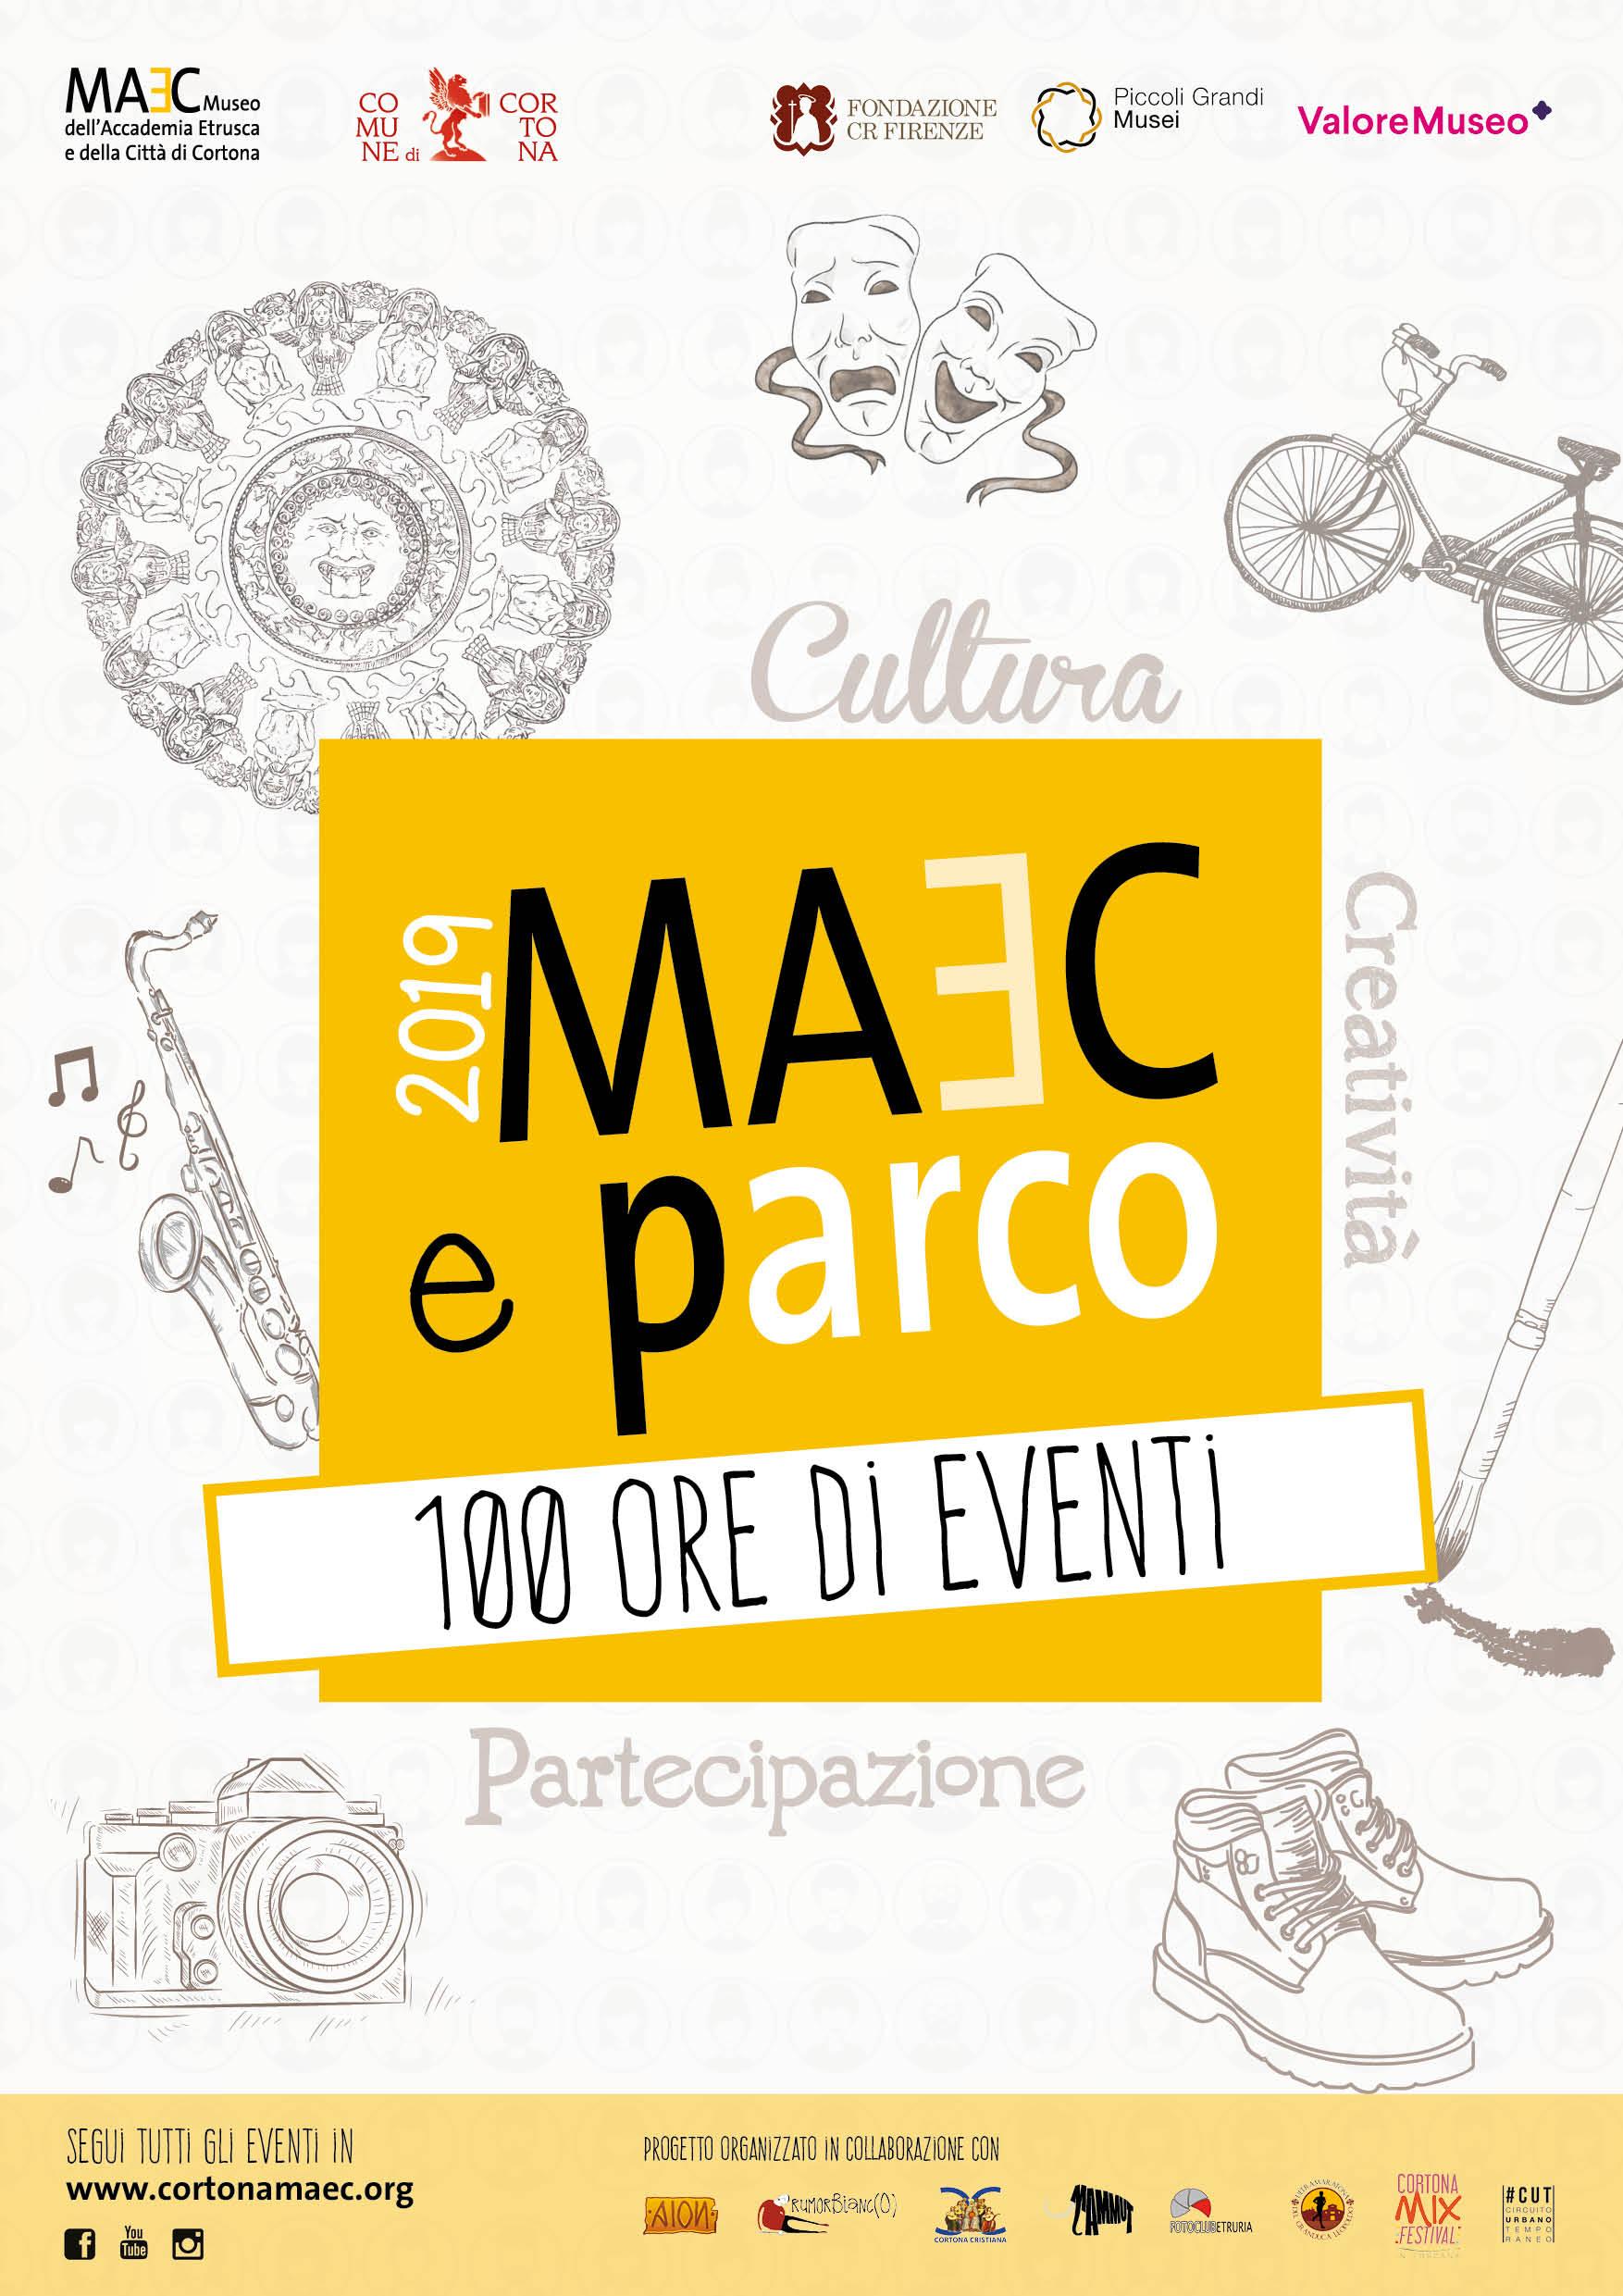 tutti gli eventi in programma al MAEC e al MAEC parco del 2019